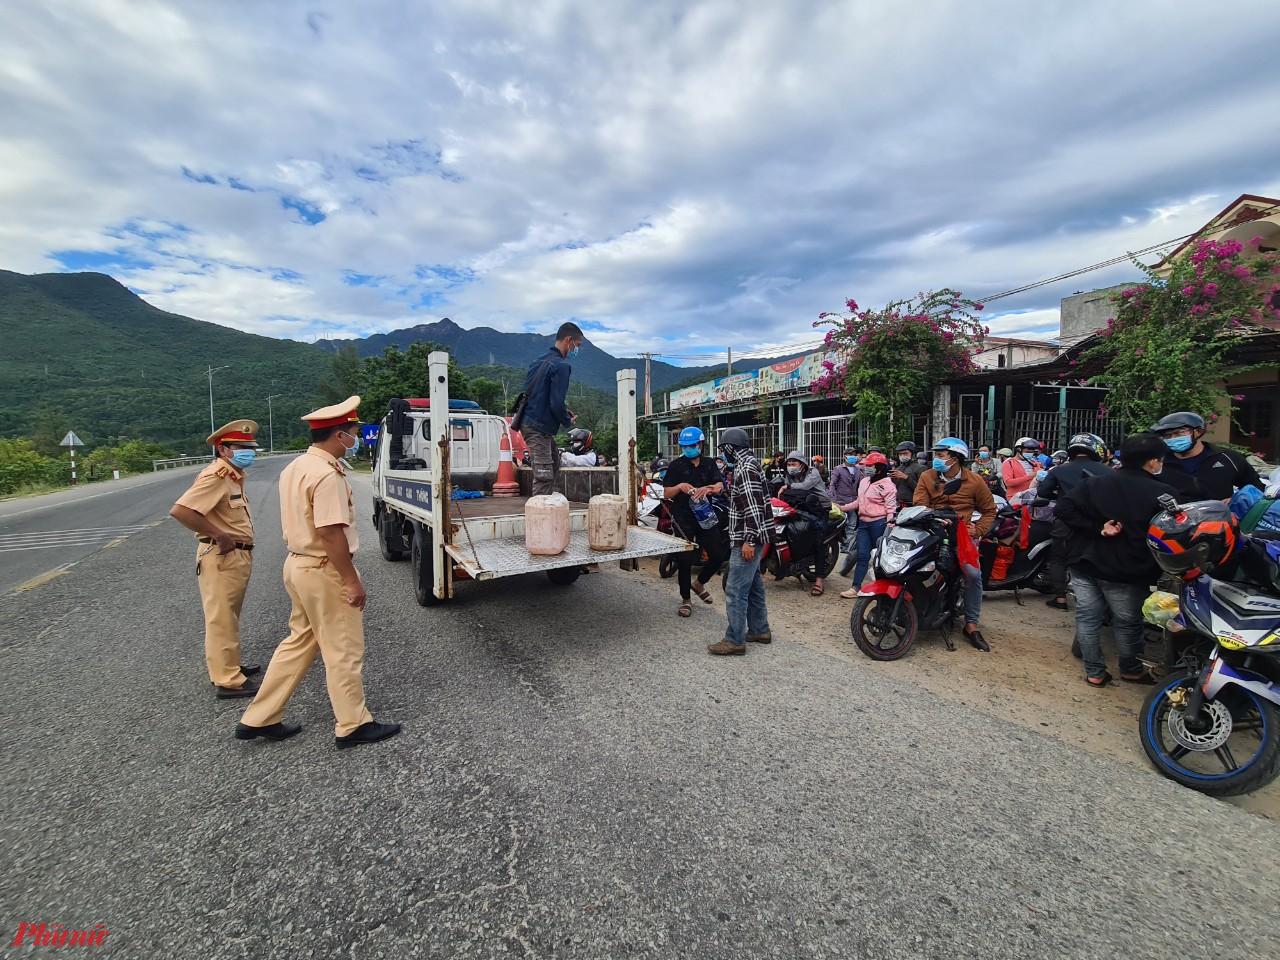 Trung bình có hơn 1.000 người từ TP.HCM ra miền Trung qua chốt kiểm tra Hải Vân ở thị trấn Lăng Cô (huyện Phú Lộc, Thừa Thiên - Huế)